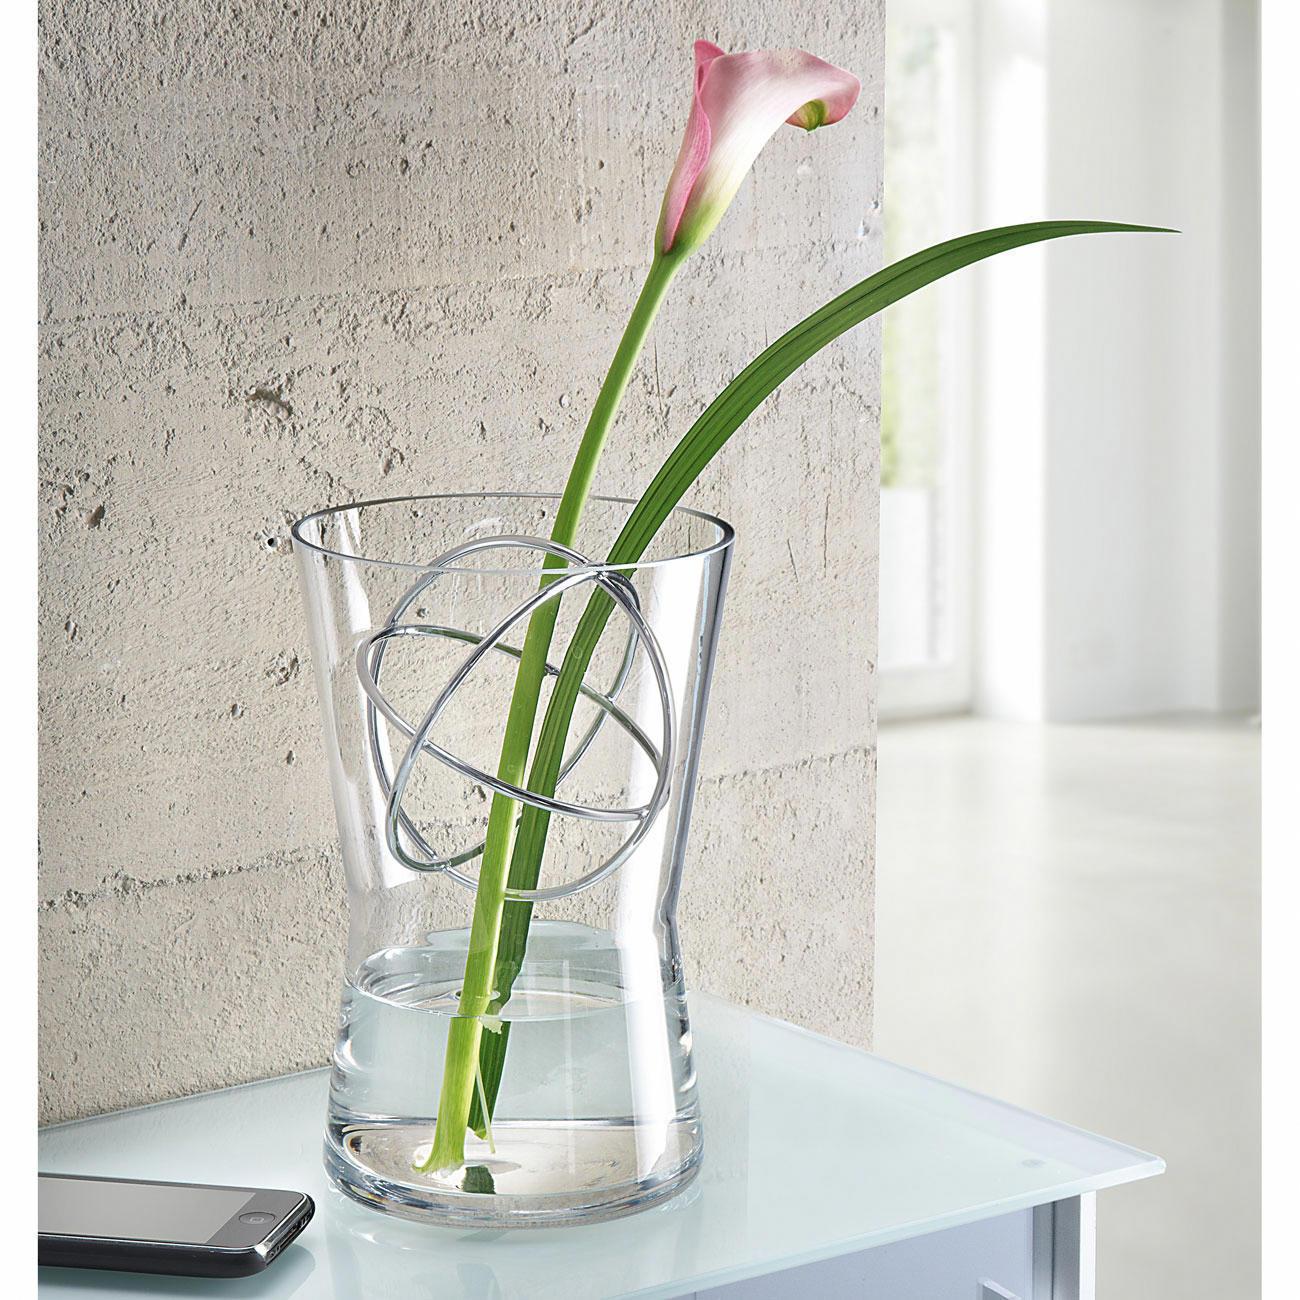 vase en verre avec sph re d corative pas cher pro idee. Black Bedroom Furniture Sets. Home Design Ideas